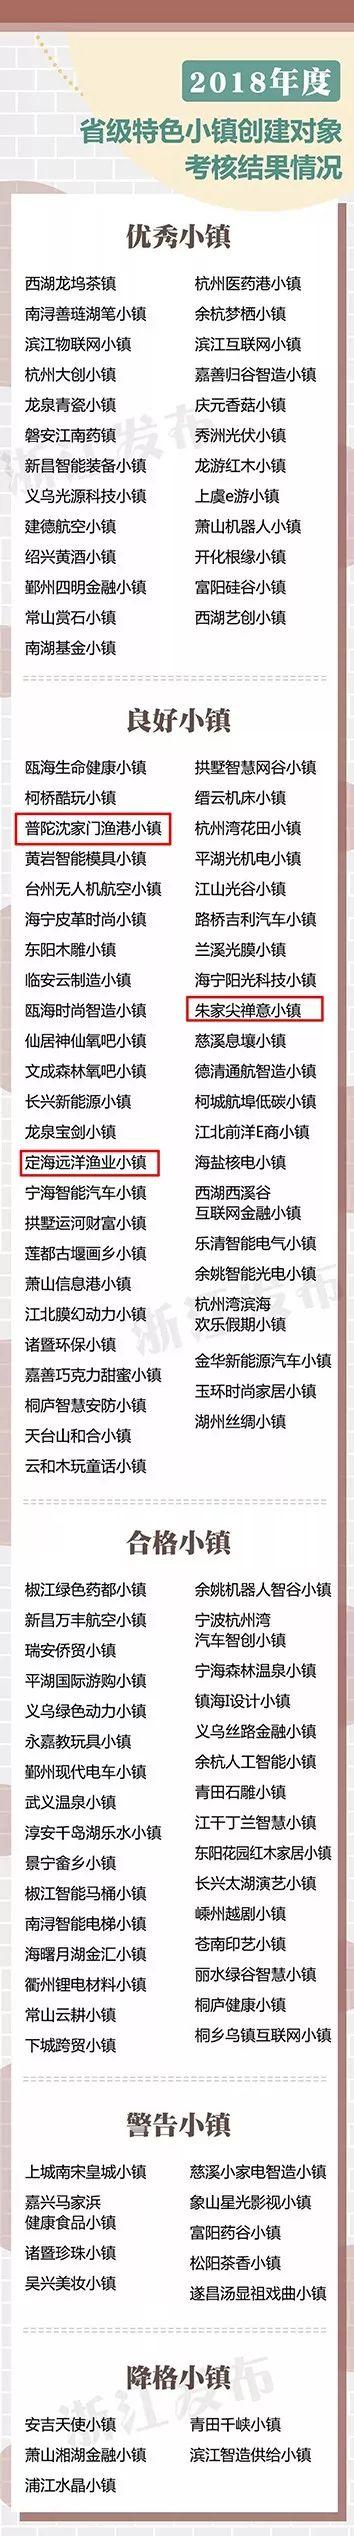 省级特色小镇年度考核结果公布啦~舟山4个小镇列在——